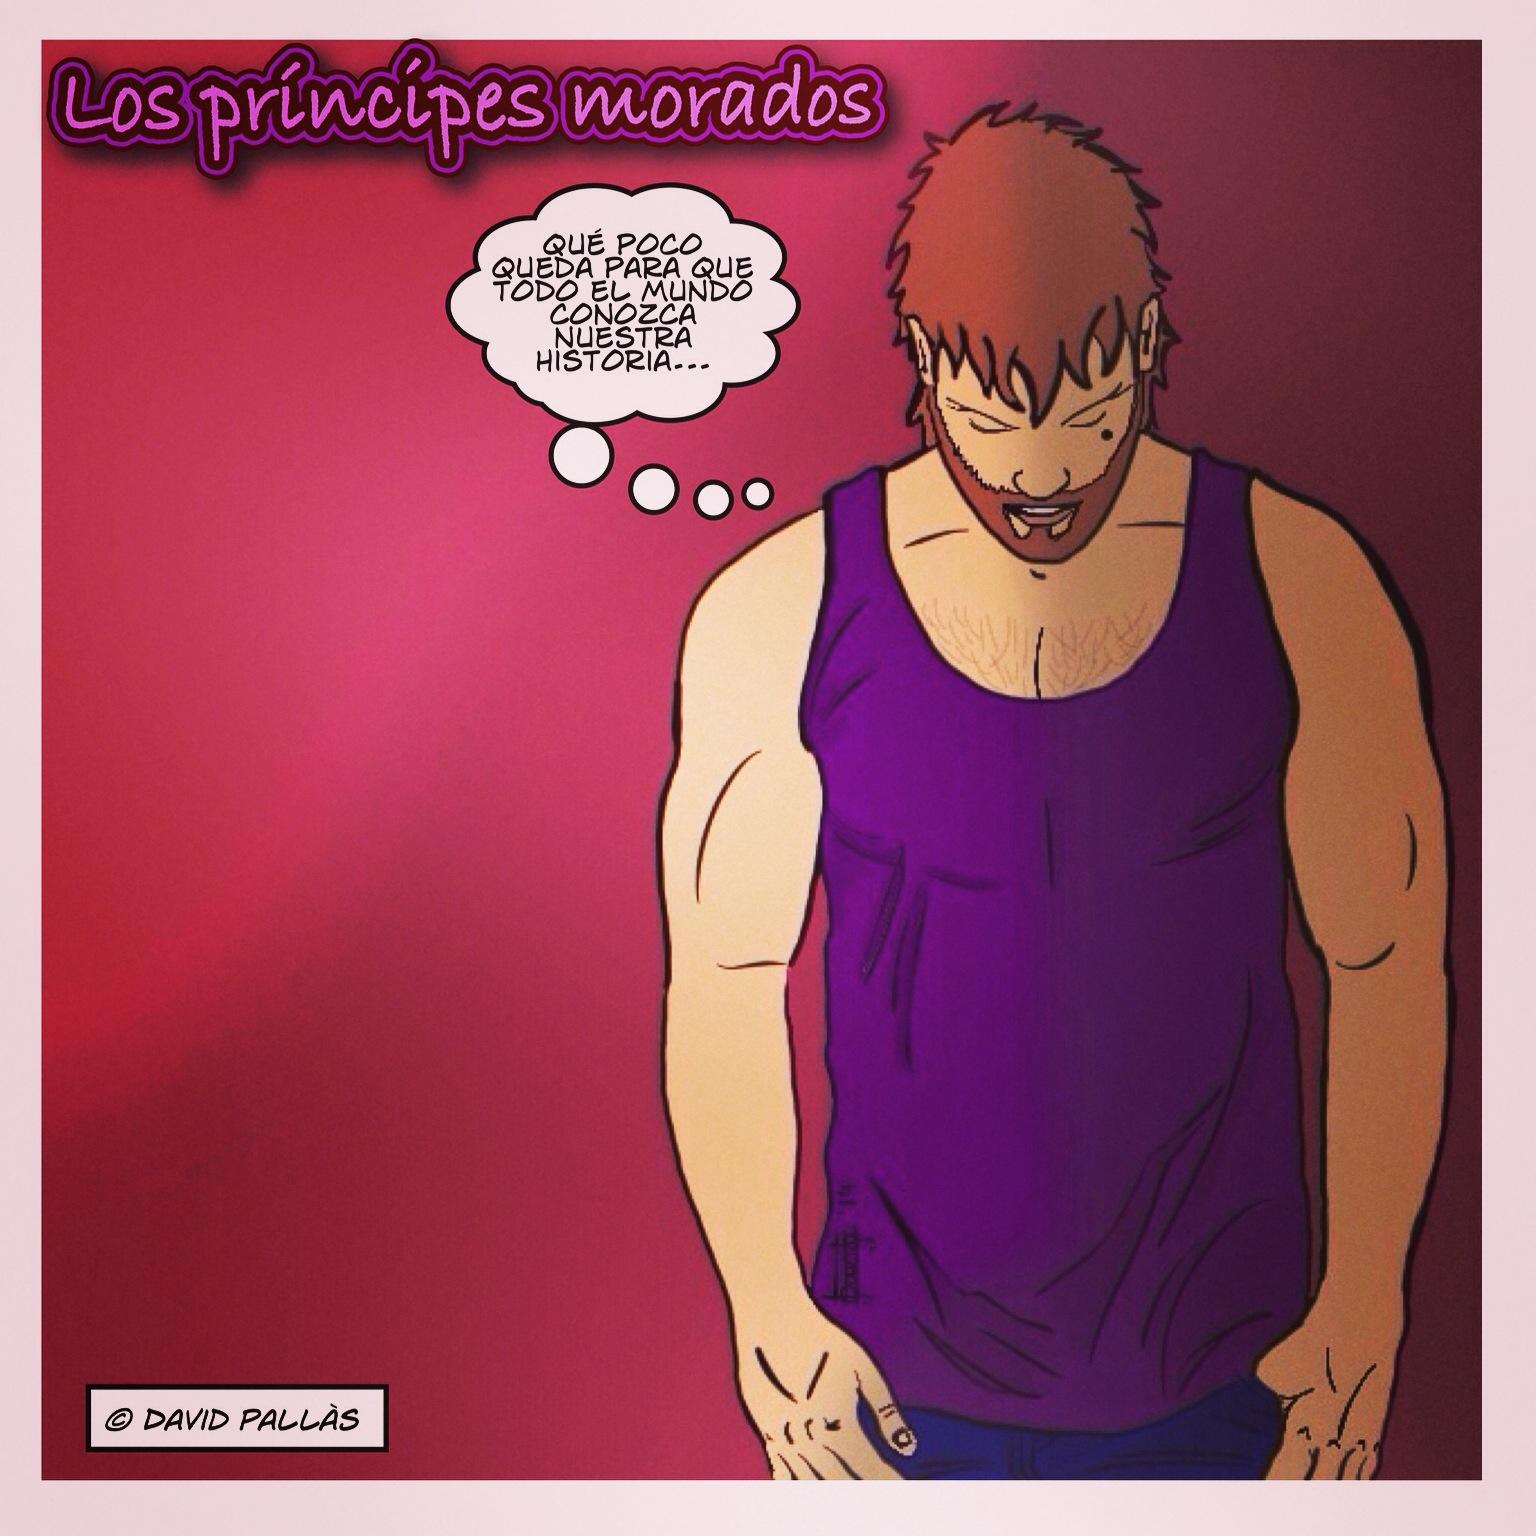 Los Príncipes Morados_Promo Primer Ismael Digital_David Pallás Gozalo